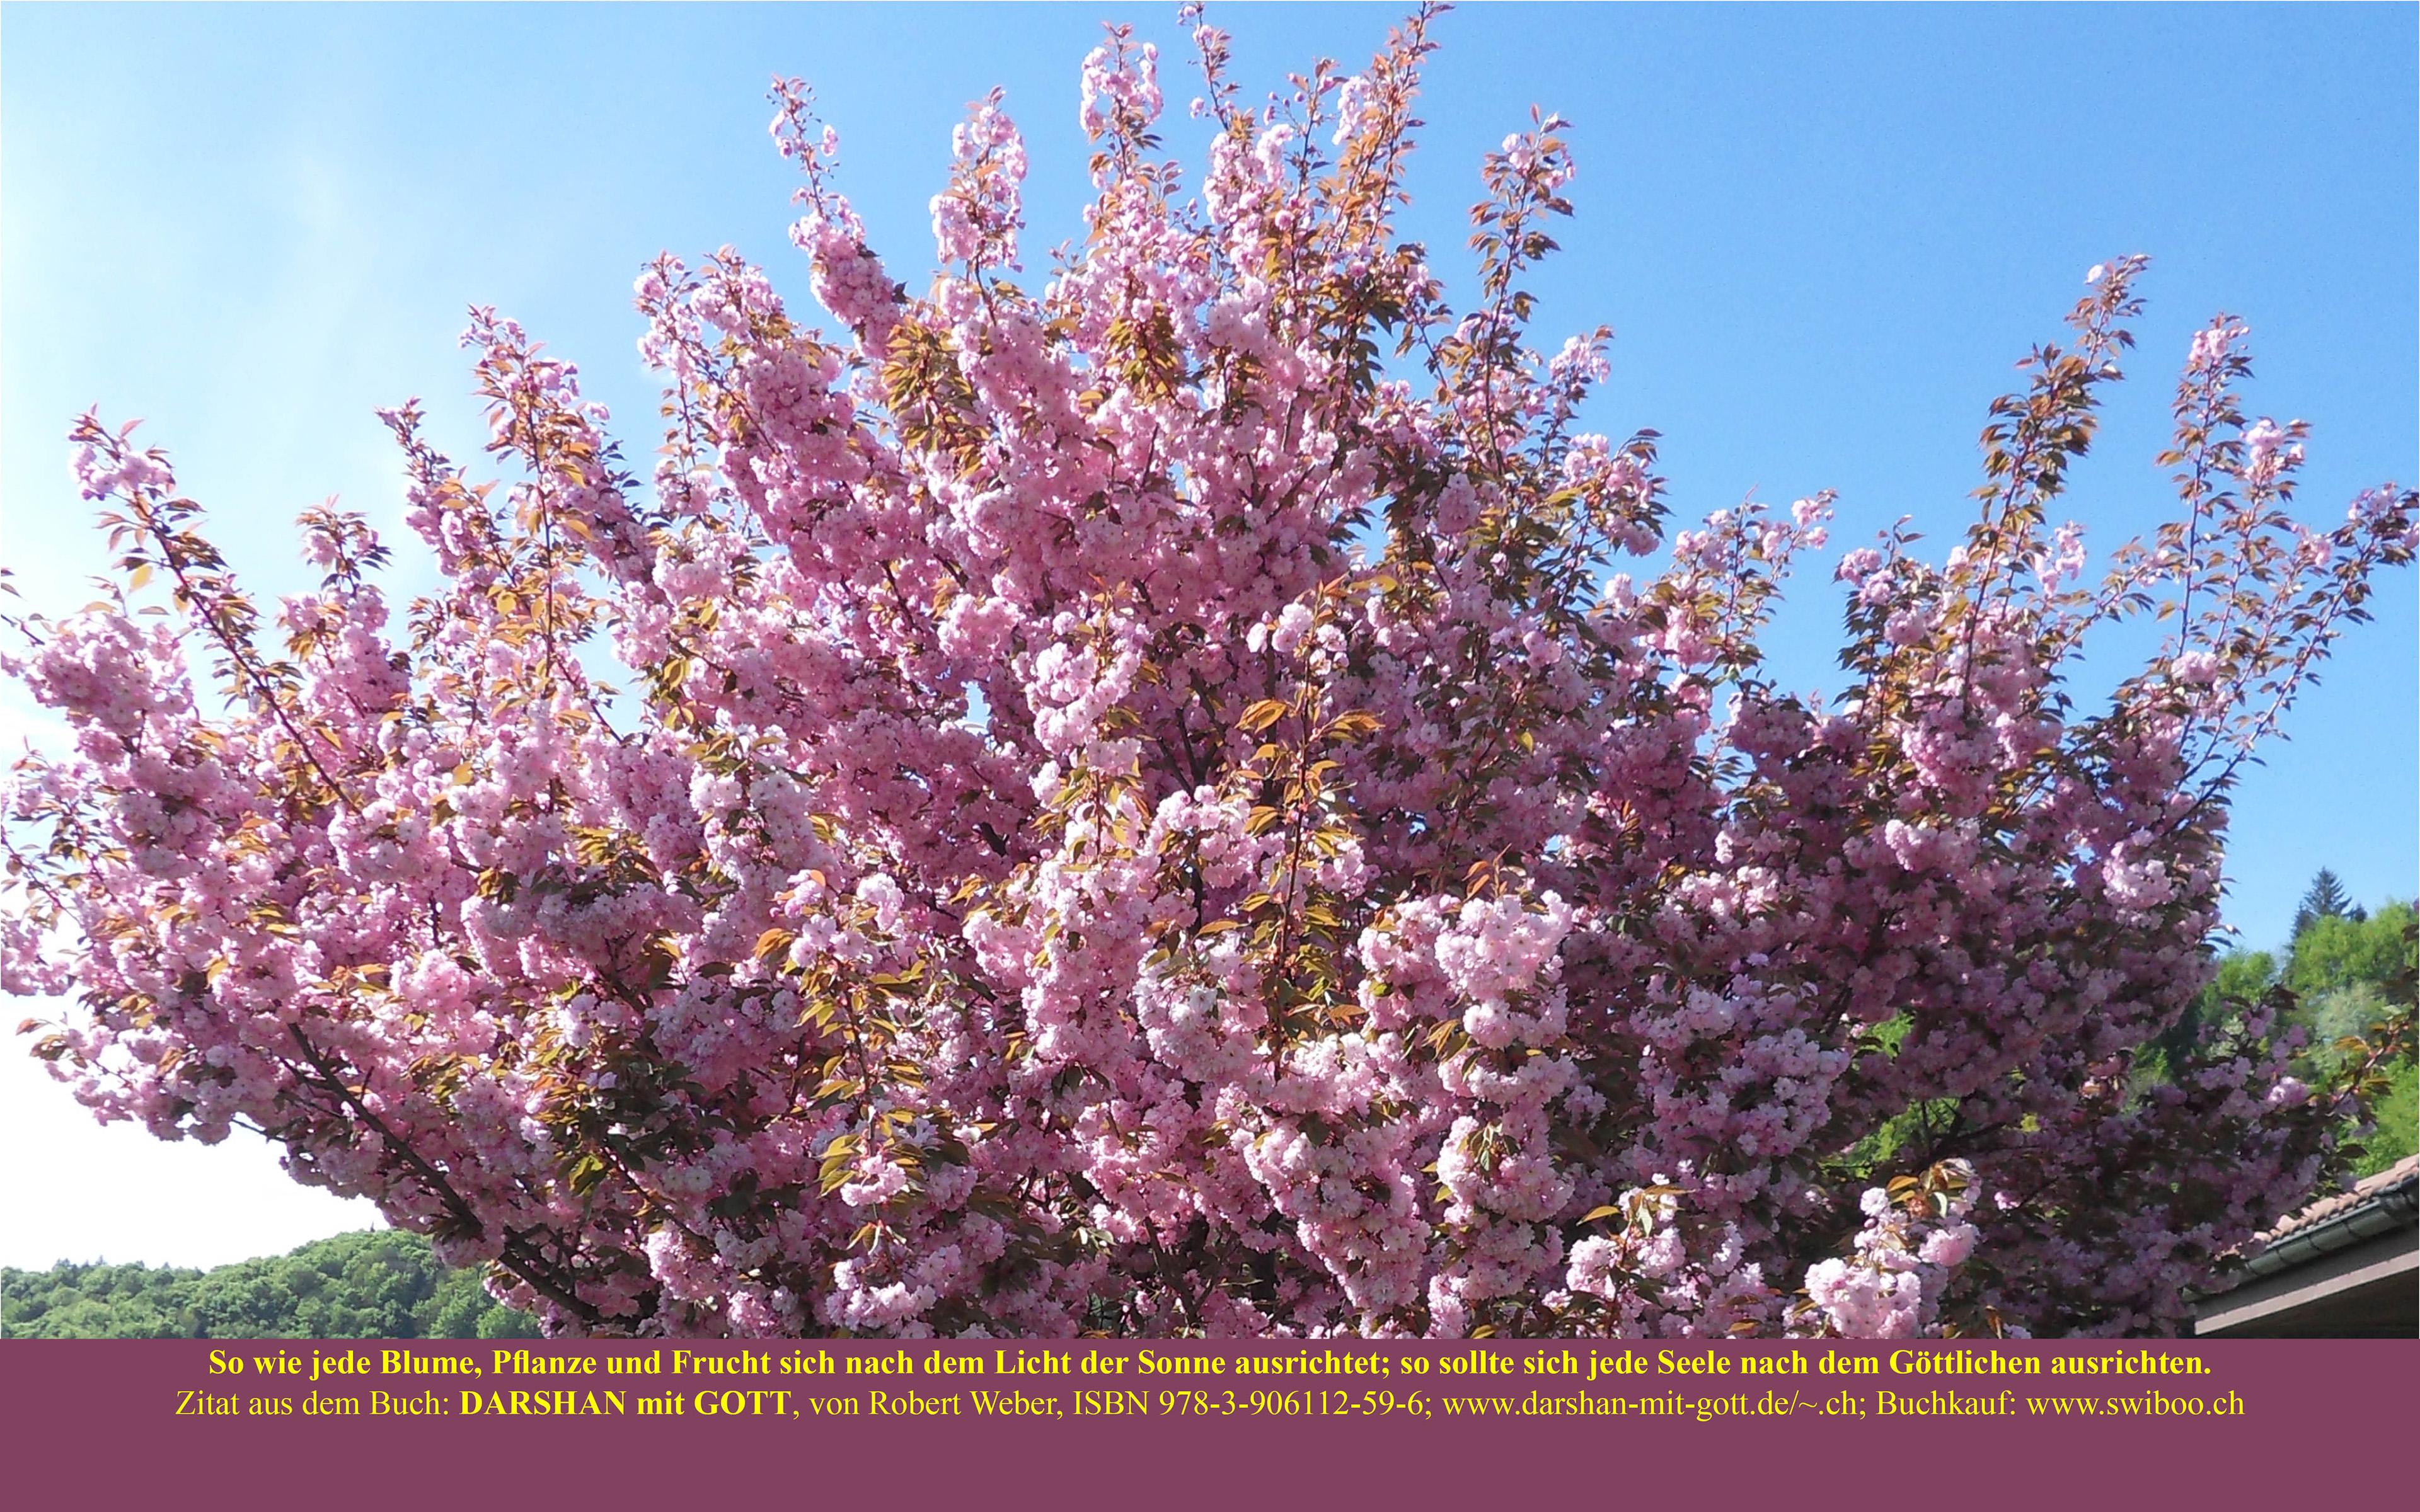 DARSHAN mit GOTT: So wie jede Blume, ..., Japanischer Kirschbaum